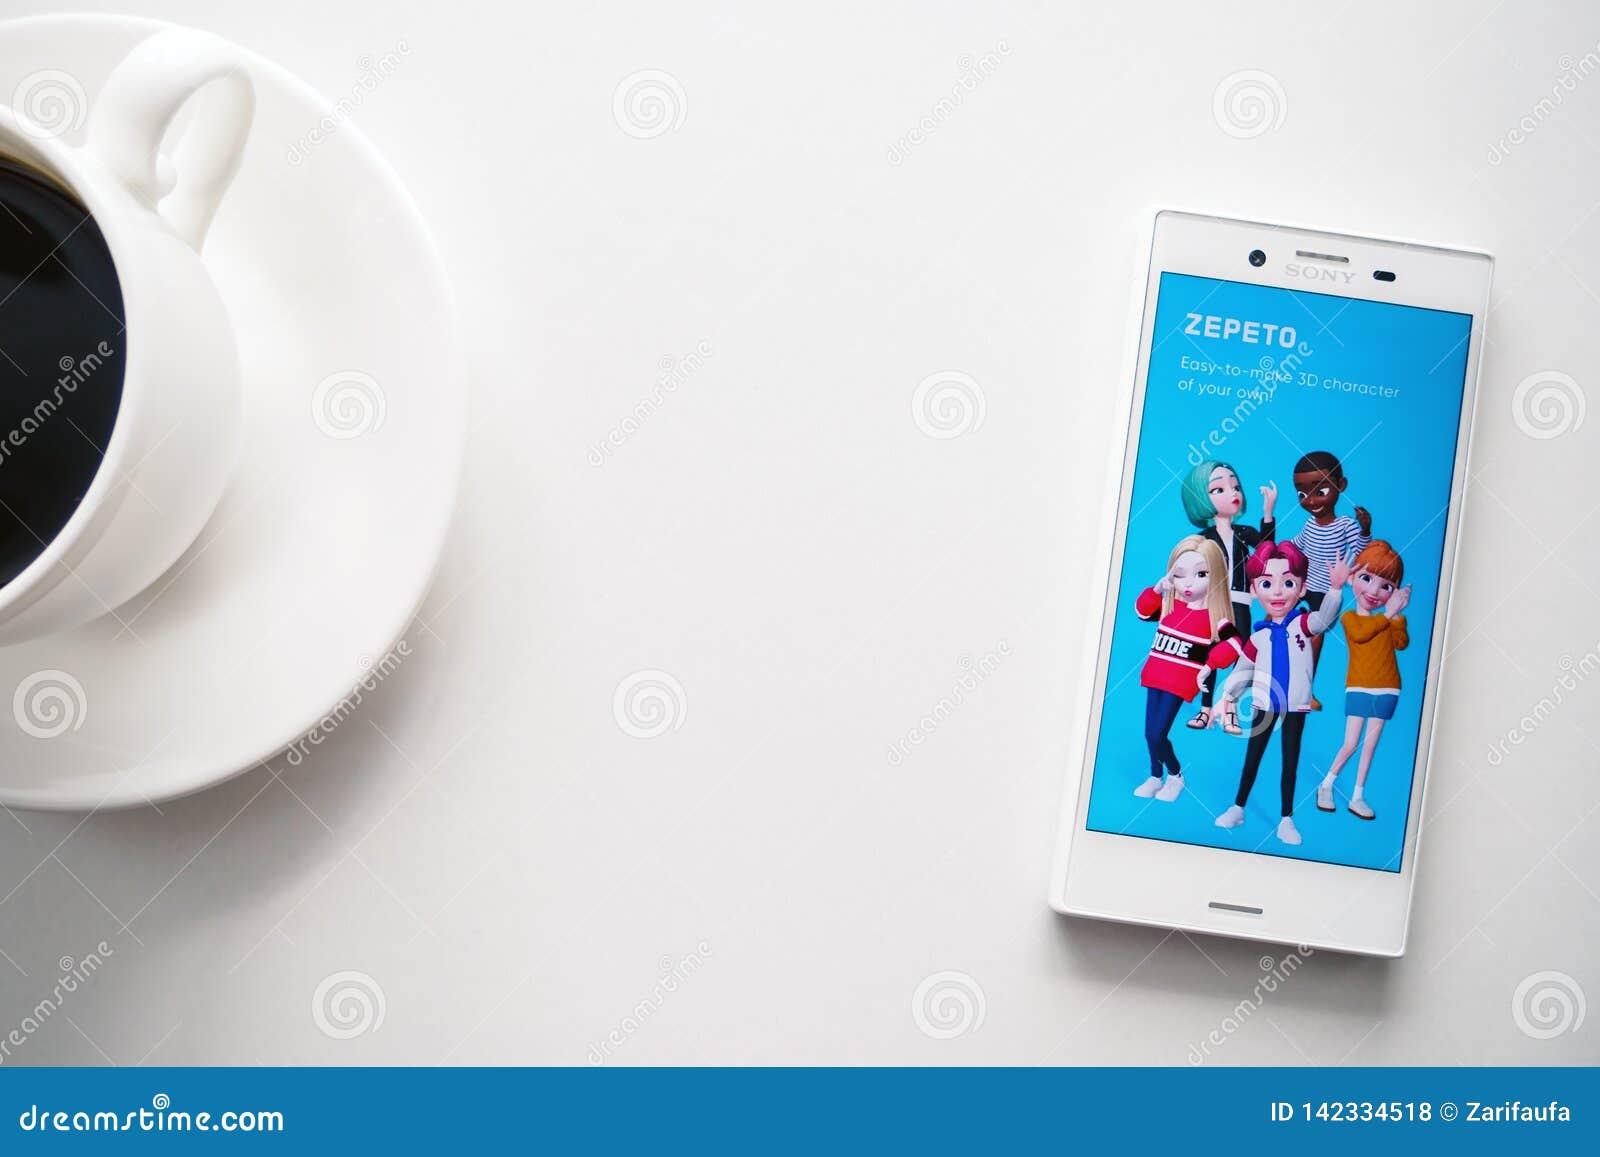 Уфа, Россия - 15-ое марта 2019: Применение ZEPETO на экране смартфона андроида, телефоне и кофейной чашке на белой предпосылке, э